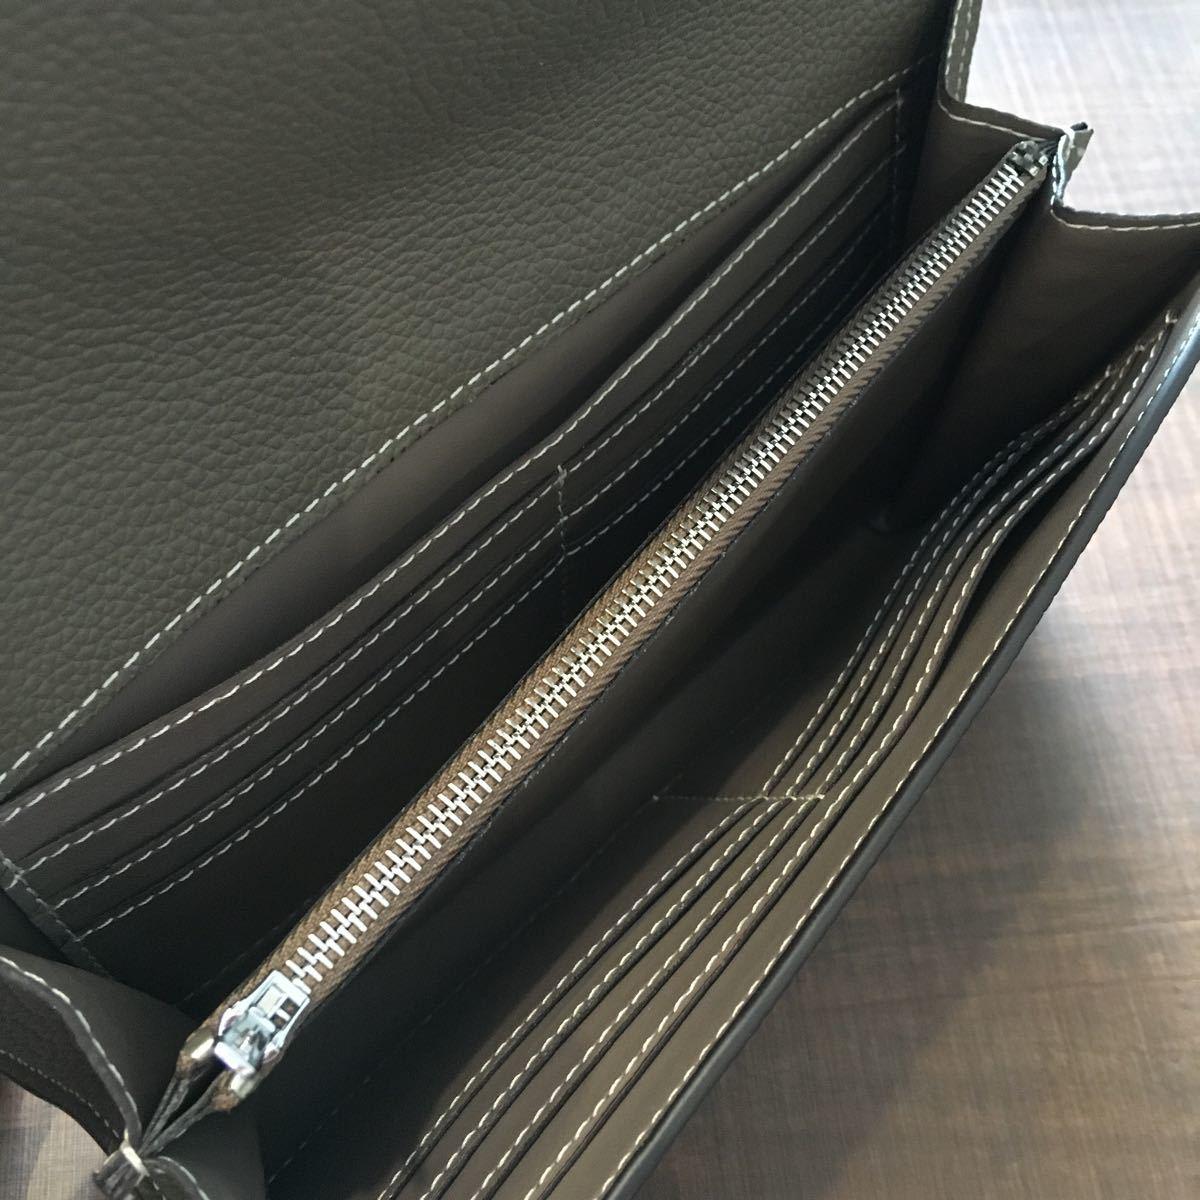 本革 レザー 大容量 クラッチバッグ 長財布 ハンドバッグ 8700円